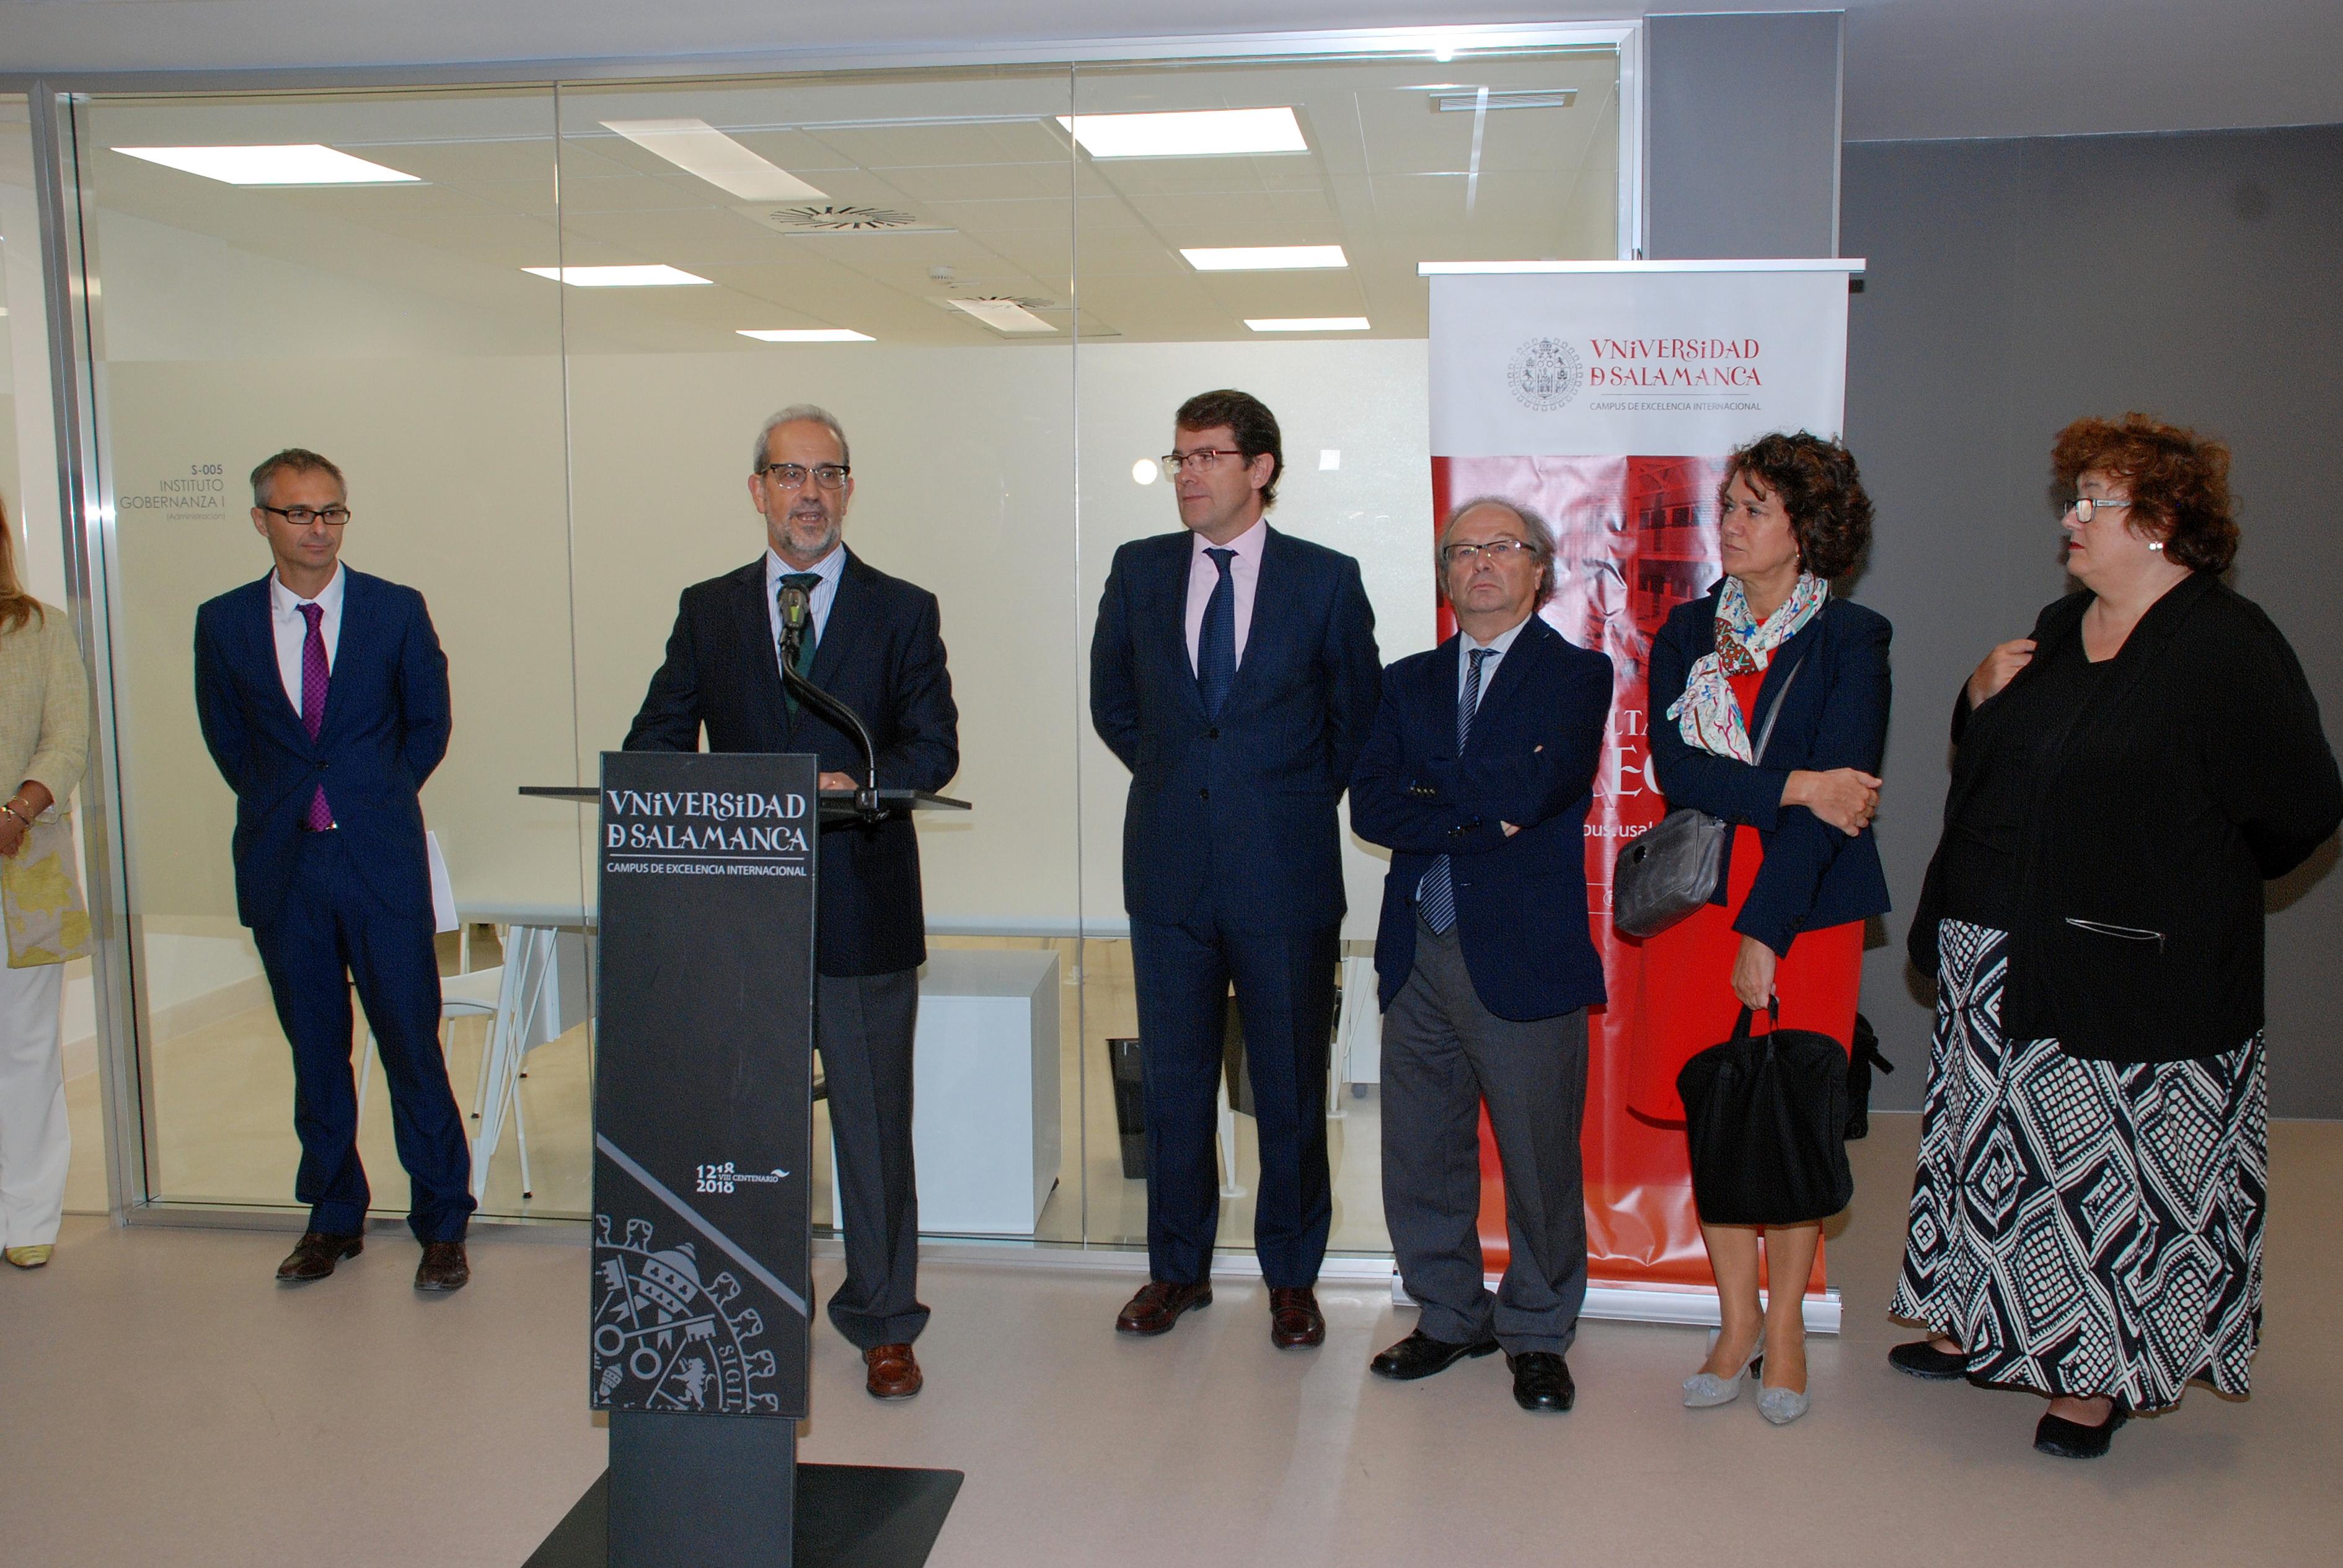 La Universidad de Salamanca inaugura sus nuevas dependencias para la investigación y docencia en la Facultad de Derecho